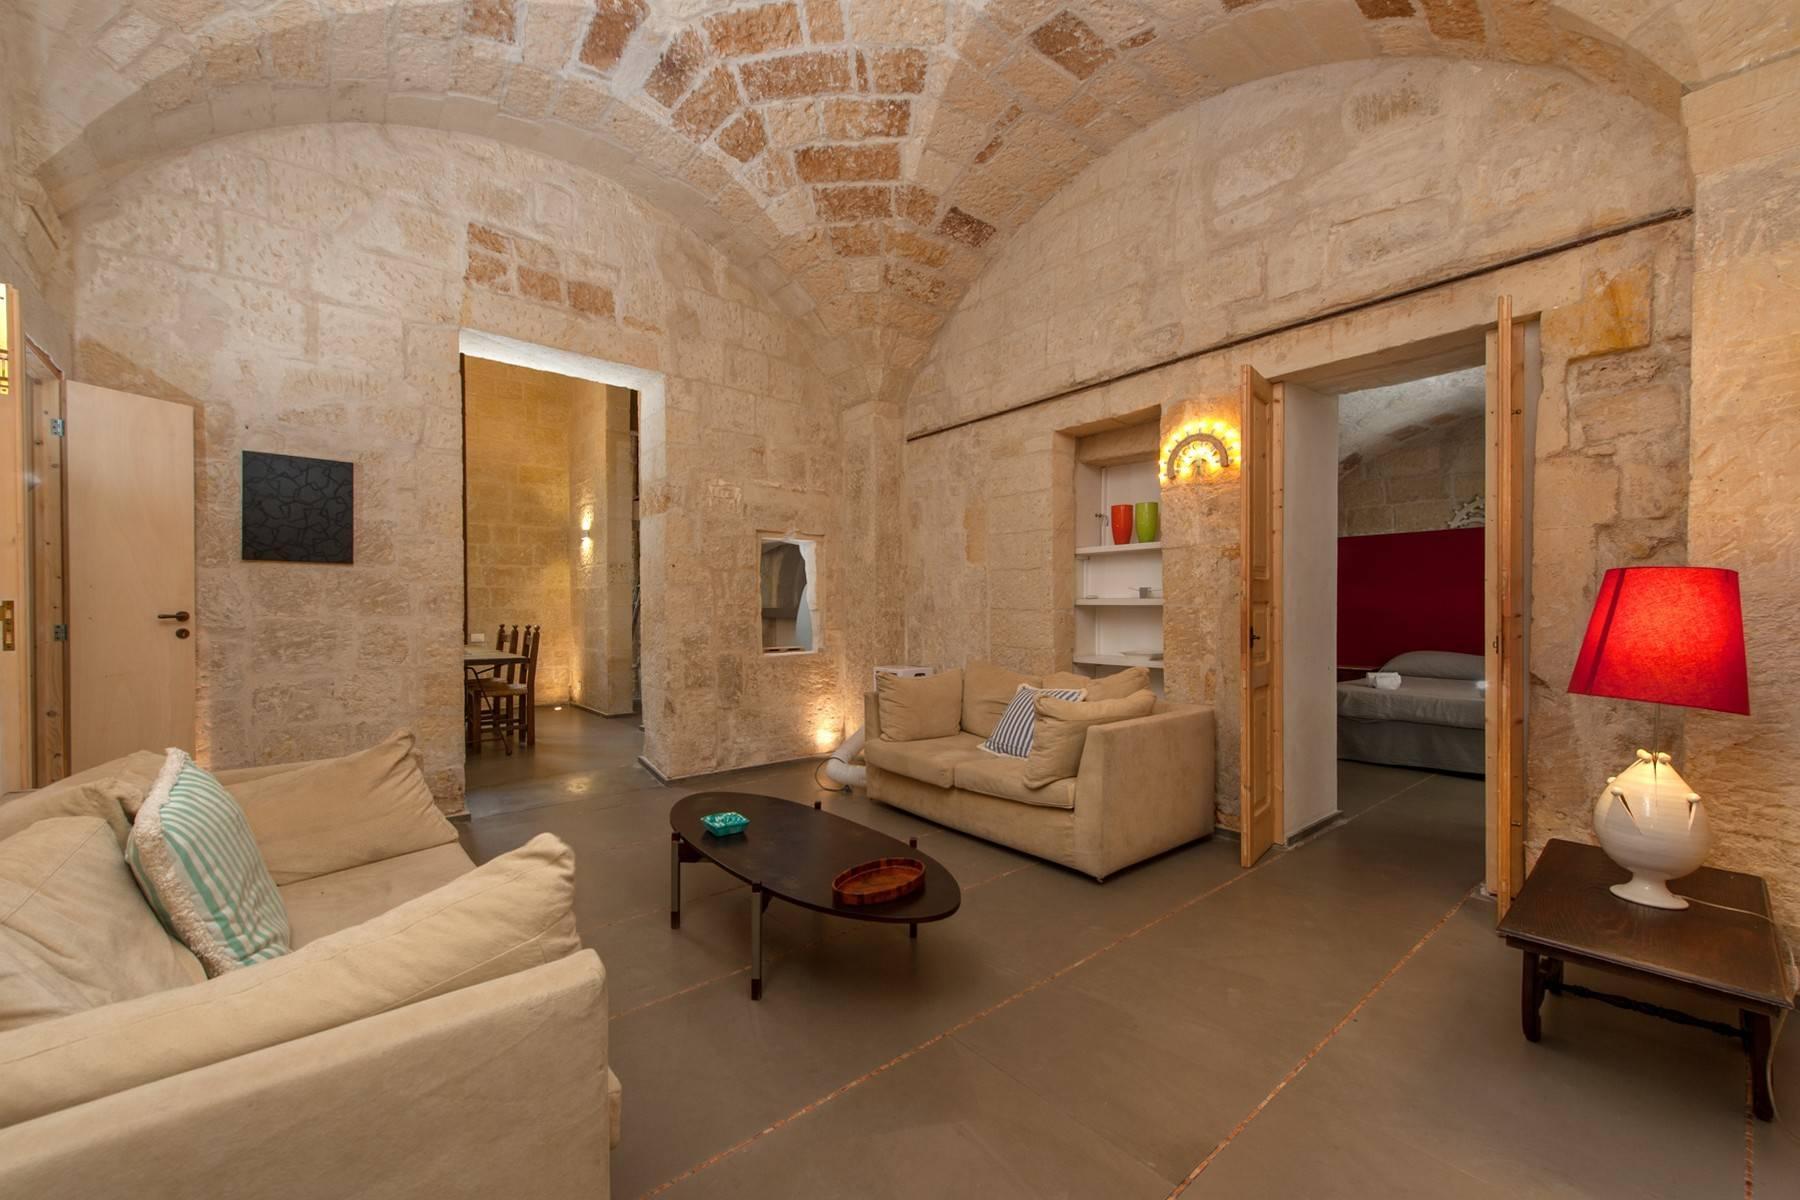 Abitazione indipendente di charme nel cuore del Barocco Leccese - 2